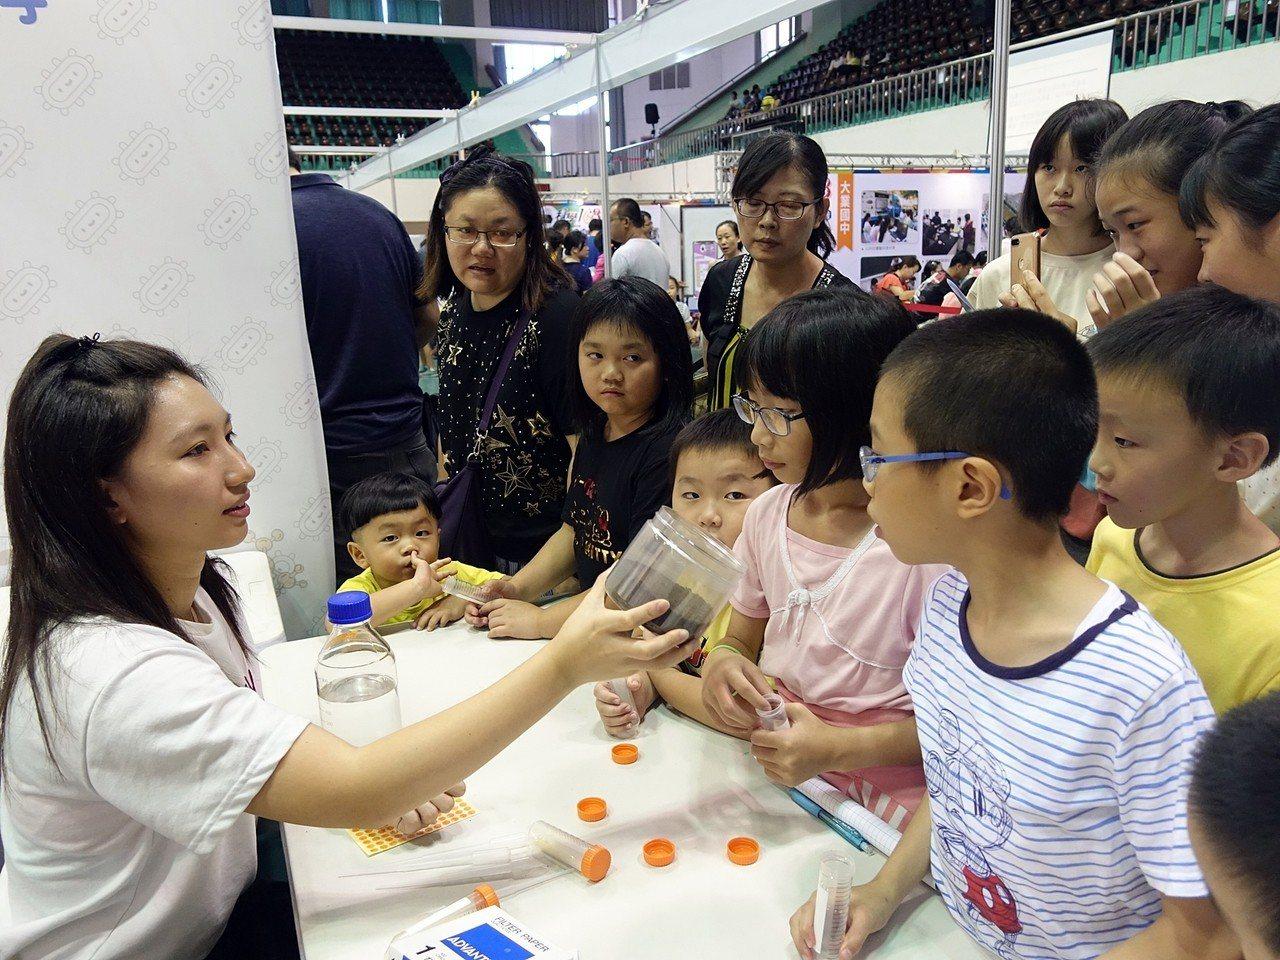 嘉義市「科學168教育博覽會」即日起到16日展開,今年新增「創客教室」及「創客作...